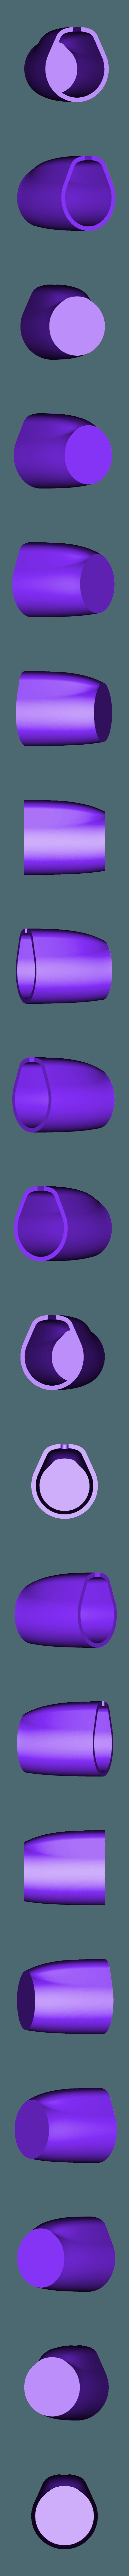 Zebco_Fishing_Rod_Cap_v1-2.STL Télécharger fichier STL gratuit Poteaux de pêche • Objet pour impression 3D, WalterHsiao